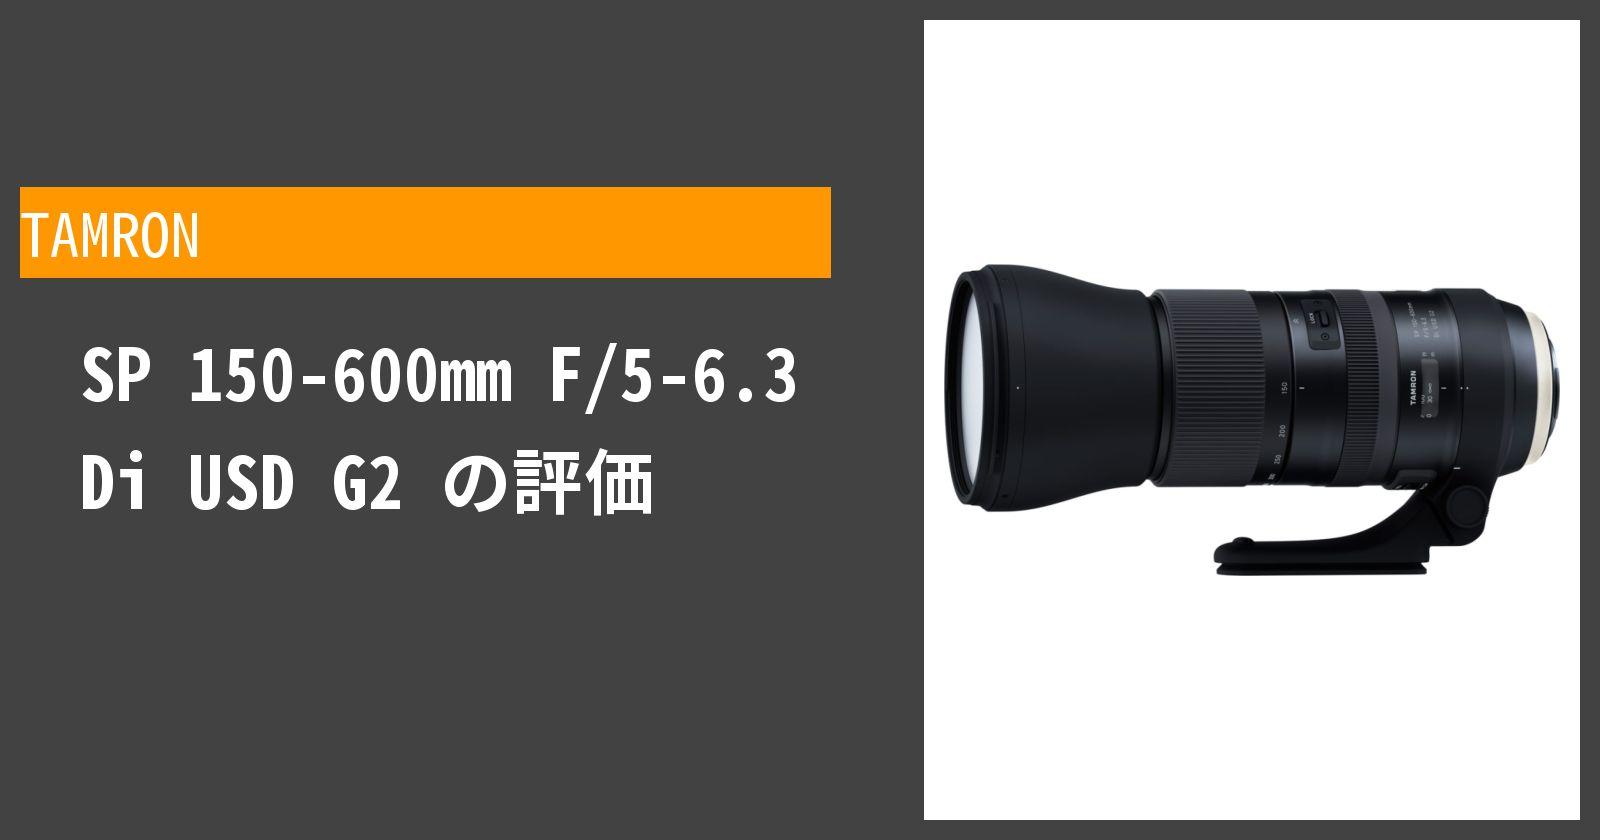 SP 150-600mm F/5-6.3 Di USD G2を徹底評価